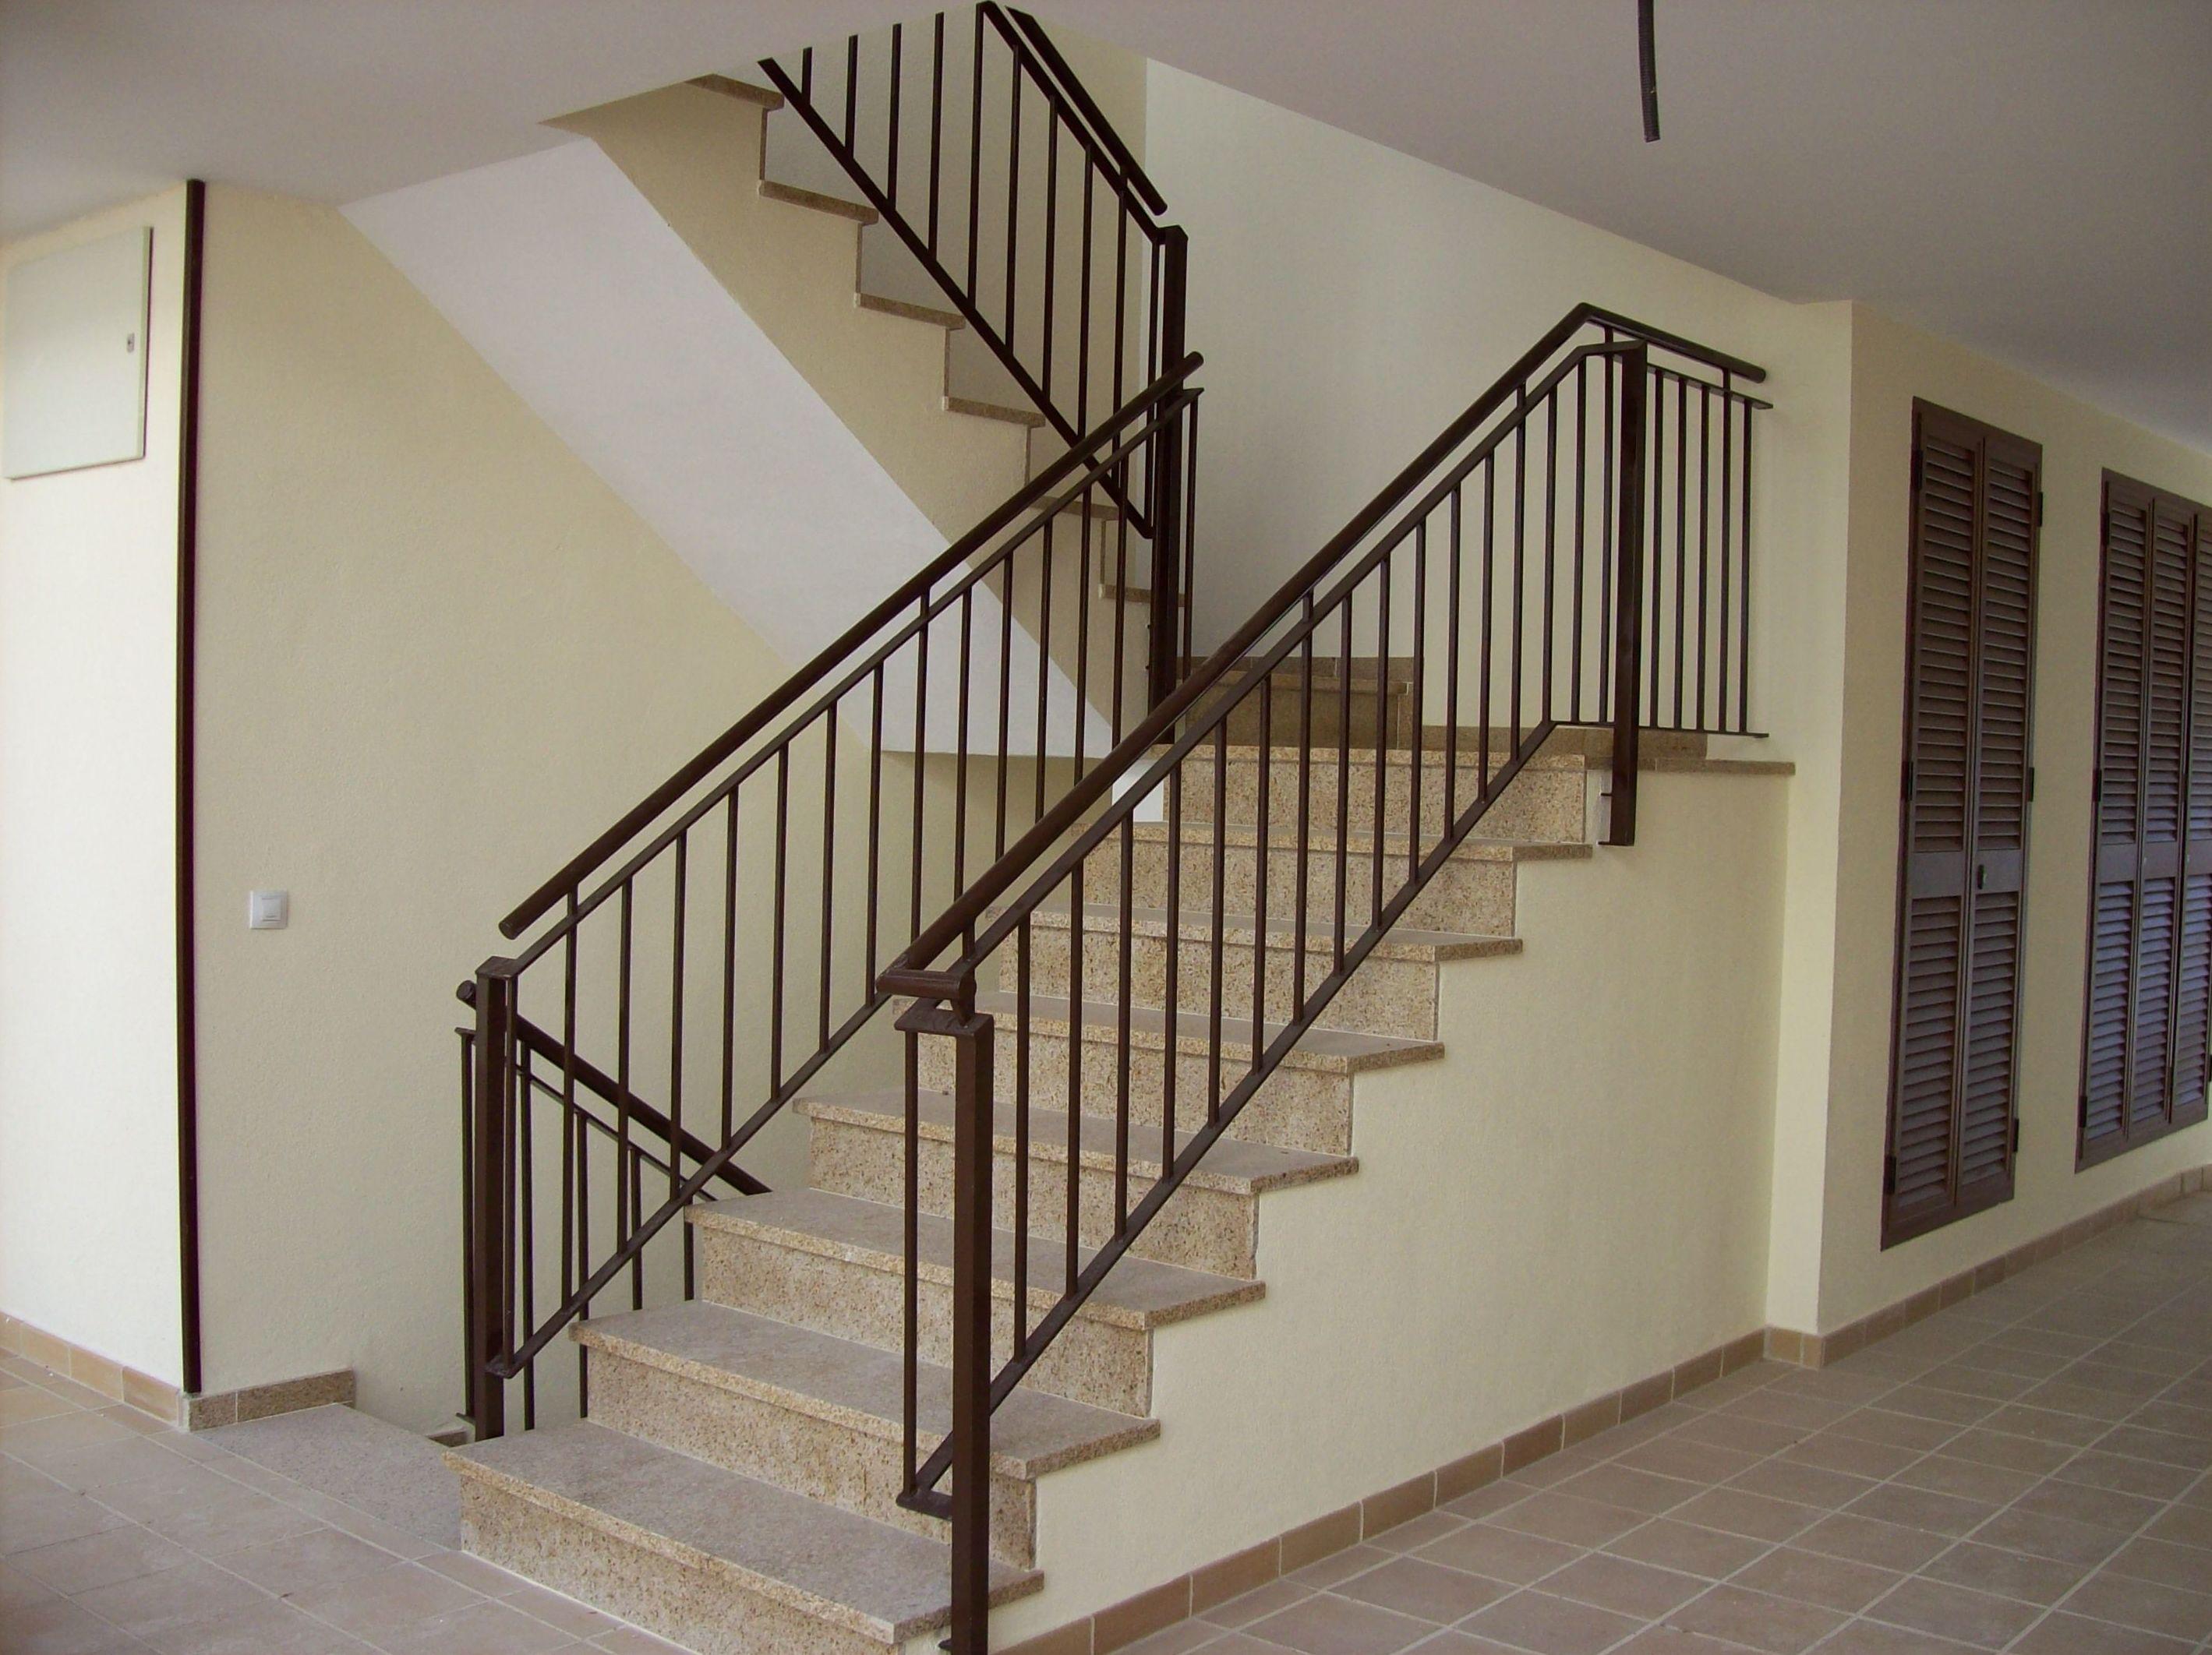 Barandas para escaleras modernas amazing pasamanos - Escaleras de madera modernas ...